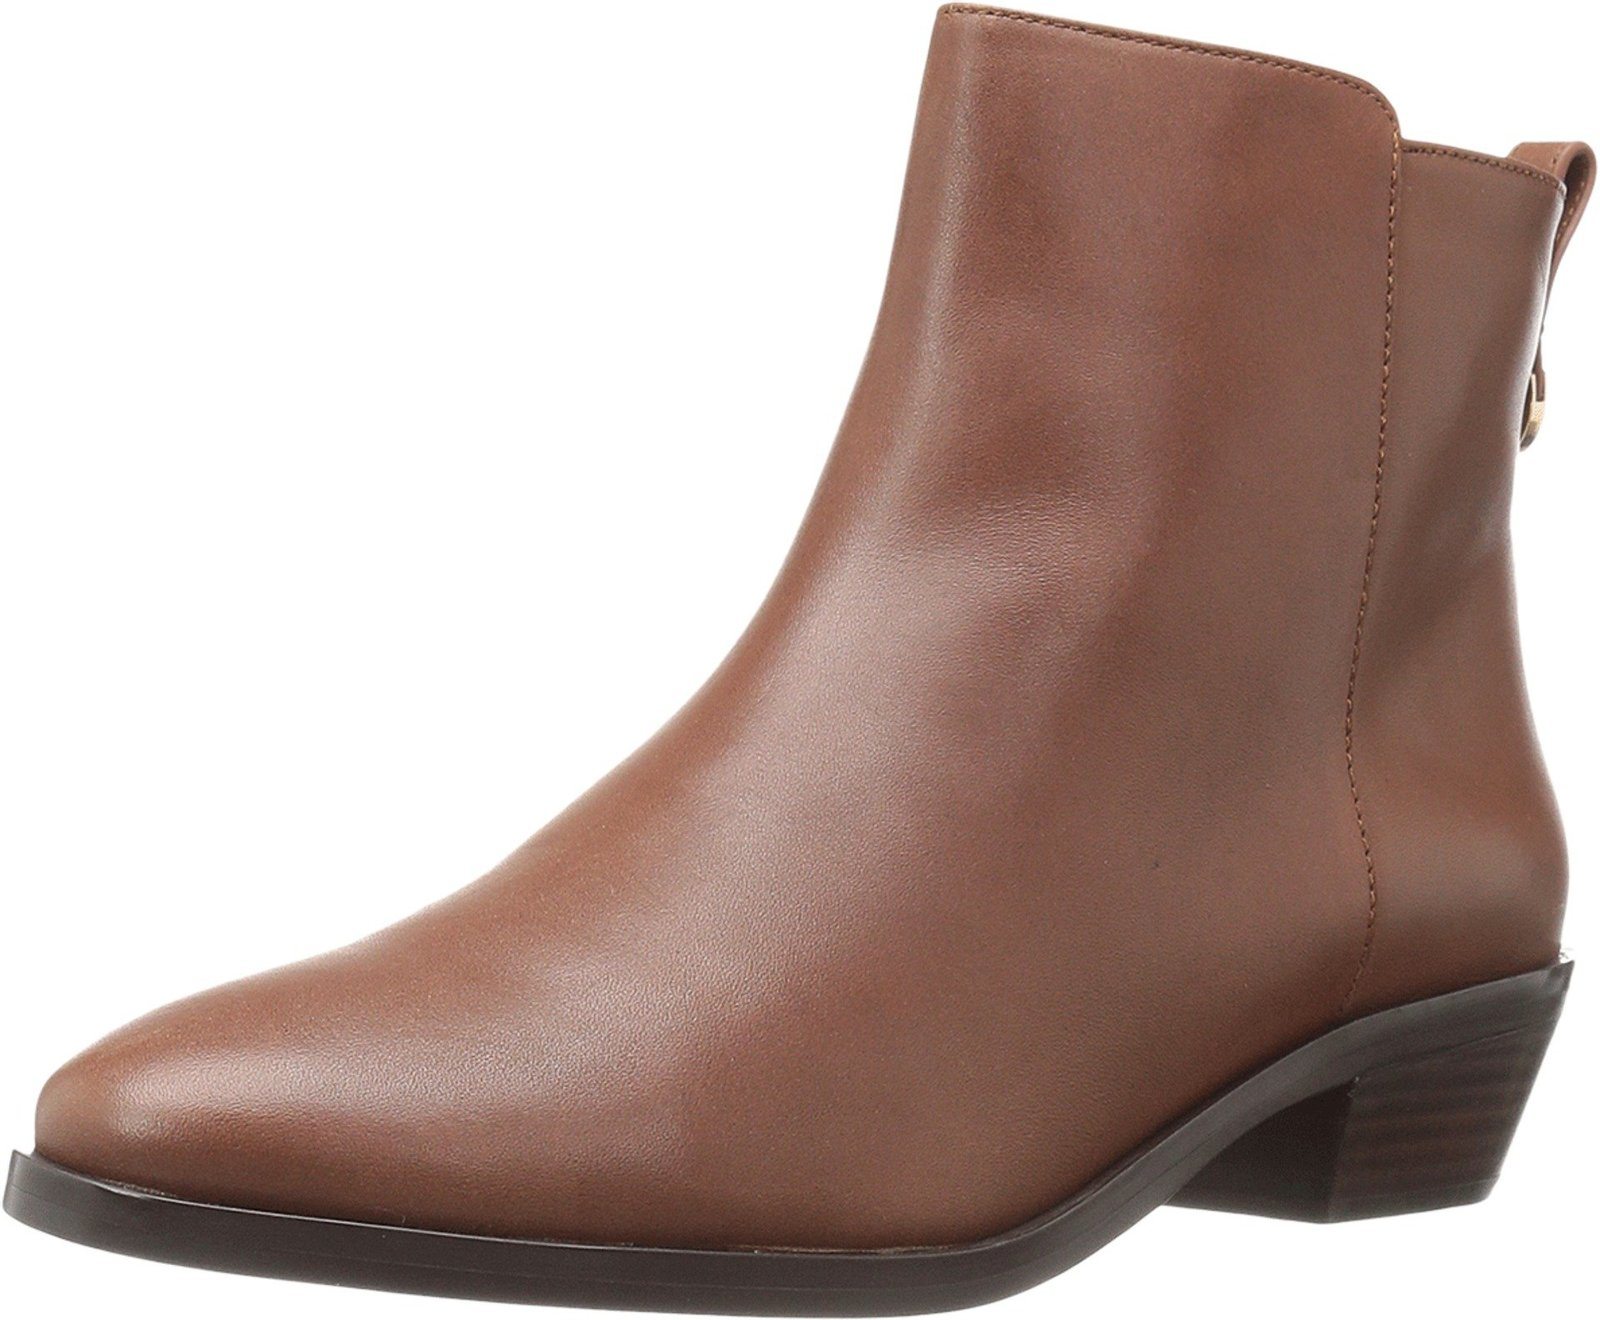 COACH Women's Carmen Dark Saddle Shoe - $94.05